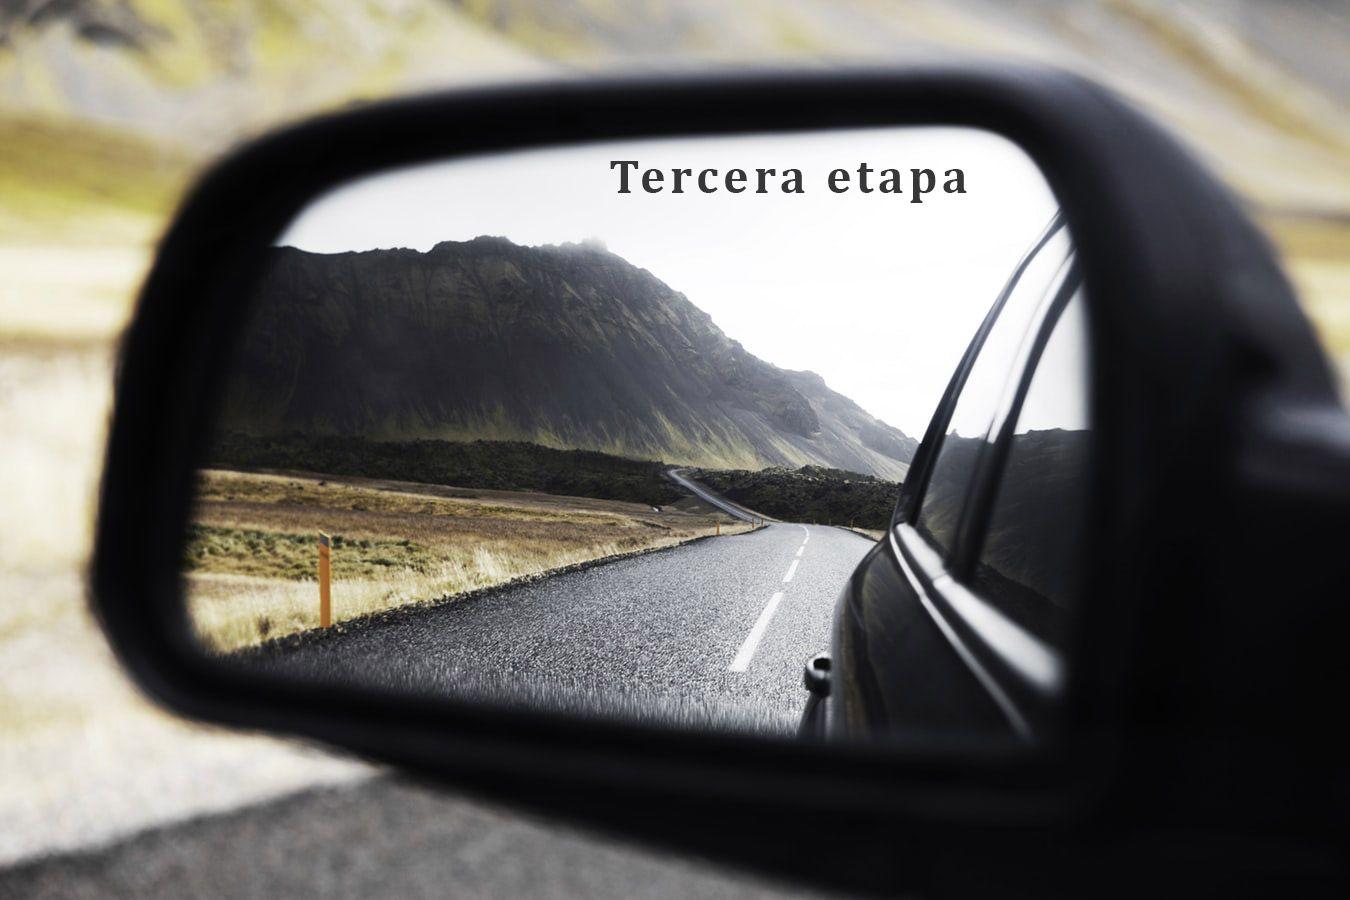 Ruta Maravillas de Tena y el Serrablo. Tercera Etapa